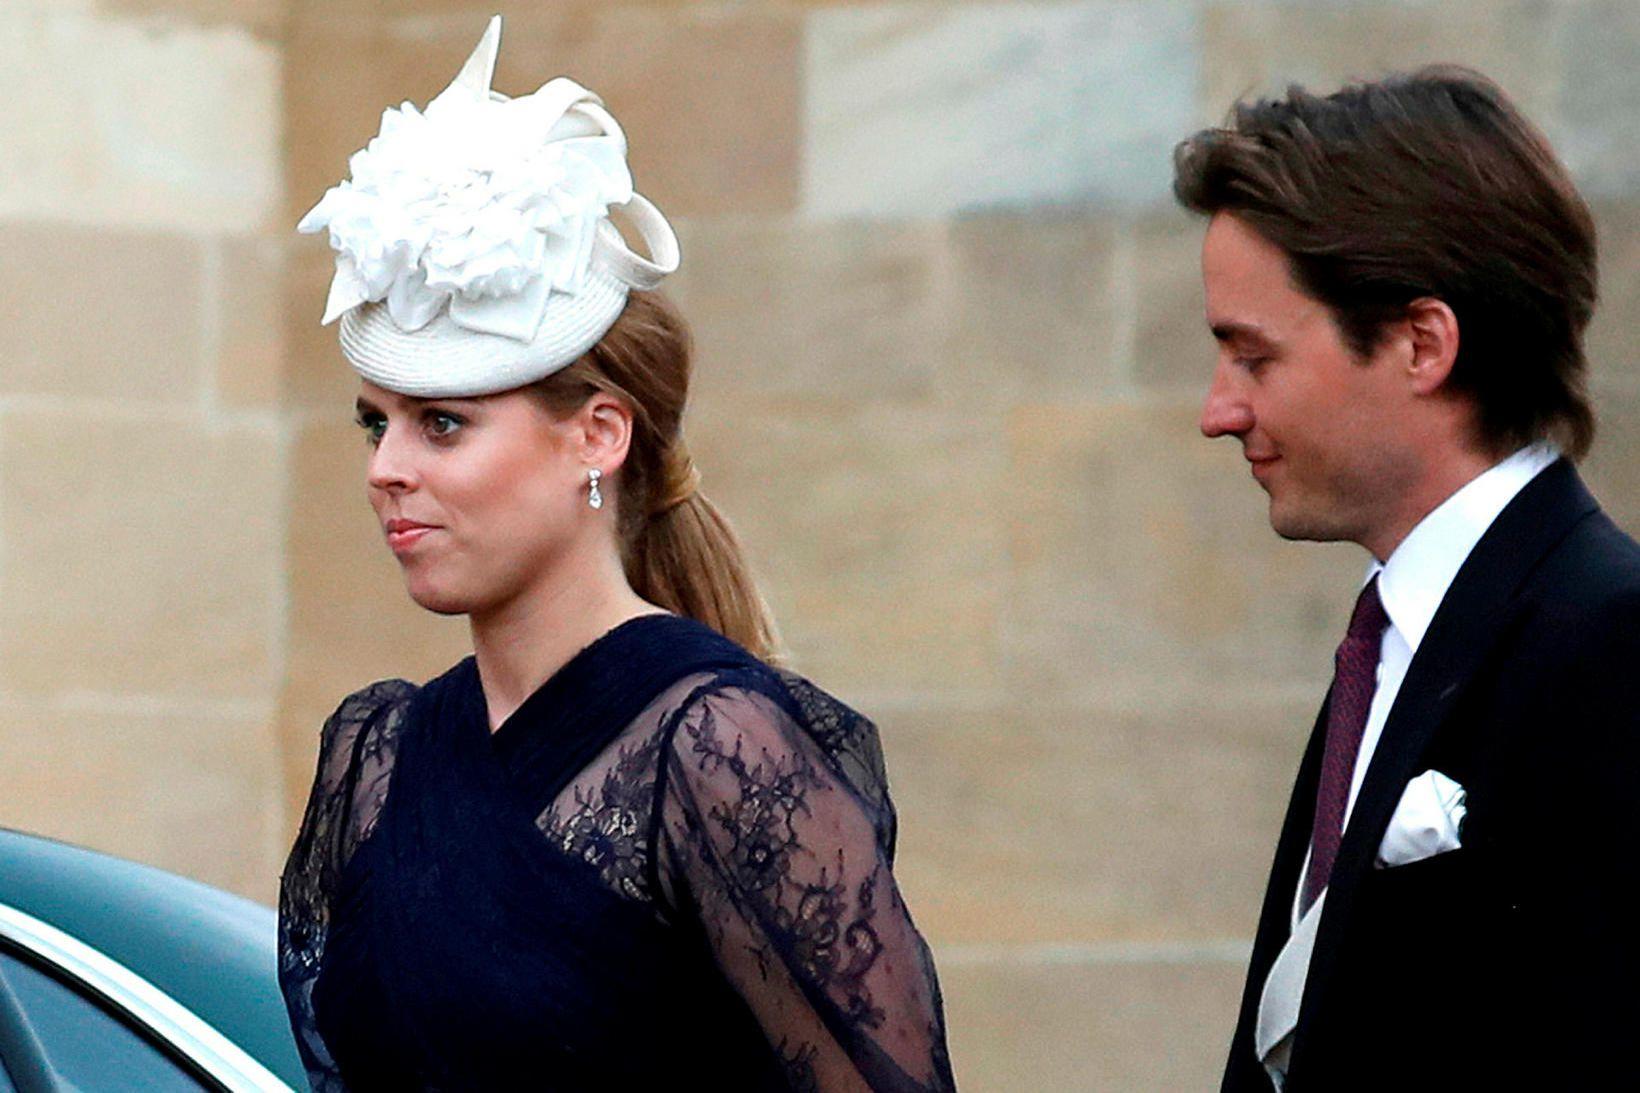 Beatrice prinsessa og Edoardo keyra nú um sveitir Frakklands.